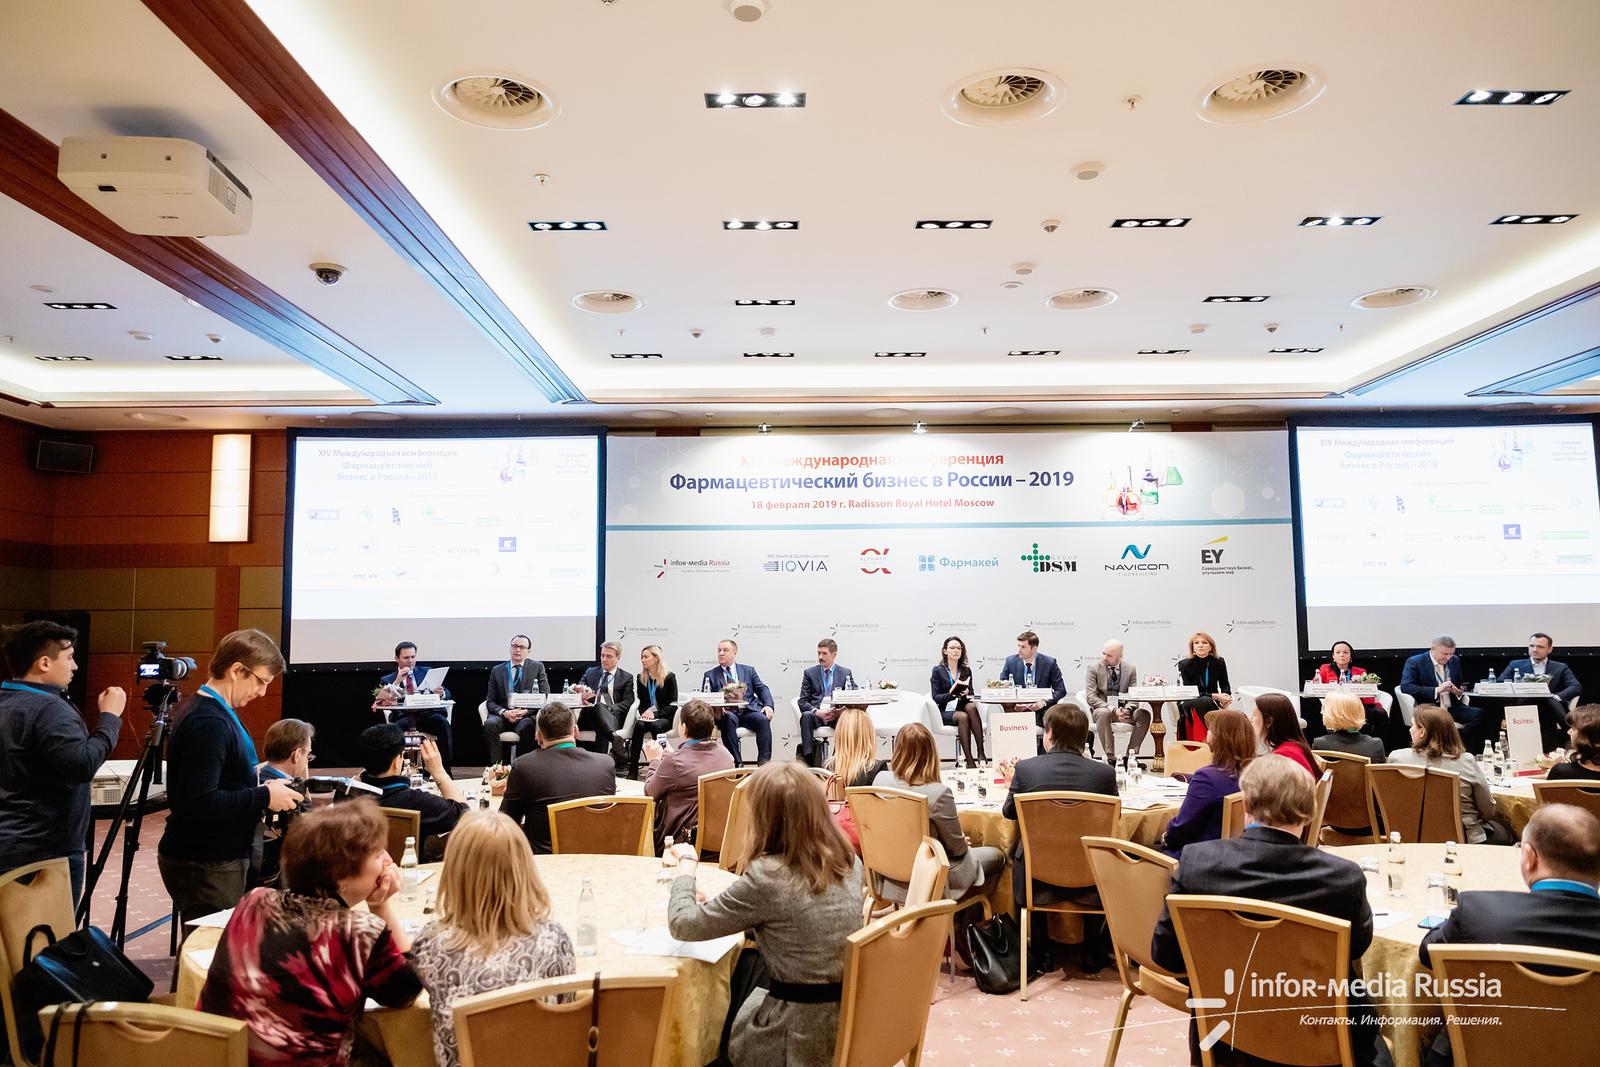 Конференция «Фармацевтический бизнес в России: перспективный сценарий развития фармацевтического рынка на 2019 год». Пост-релиз